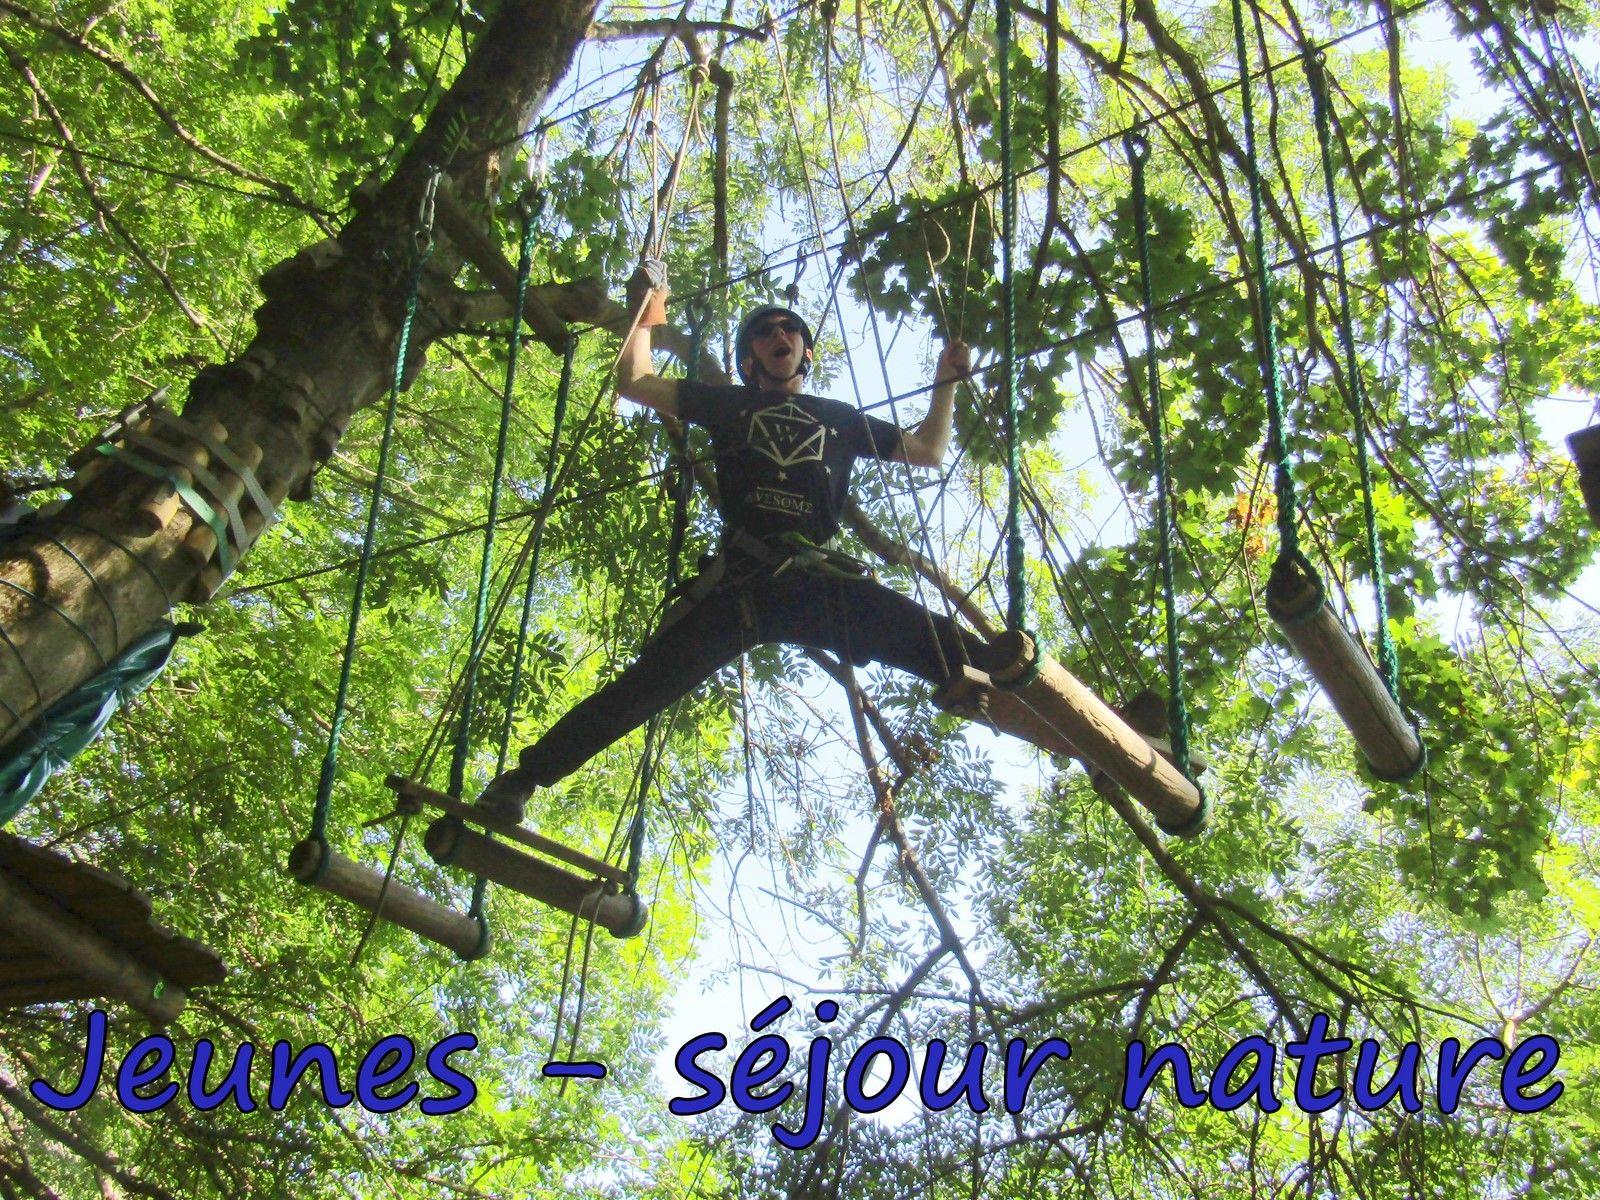 sejours-Nature-3